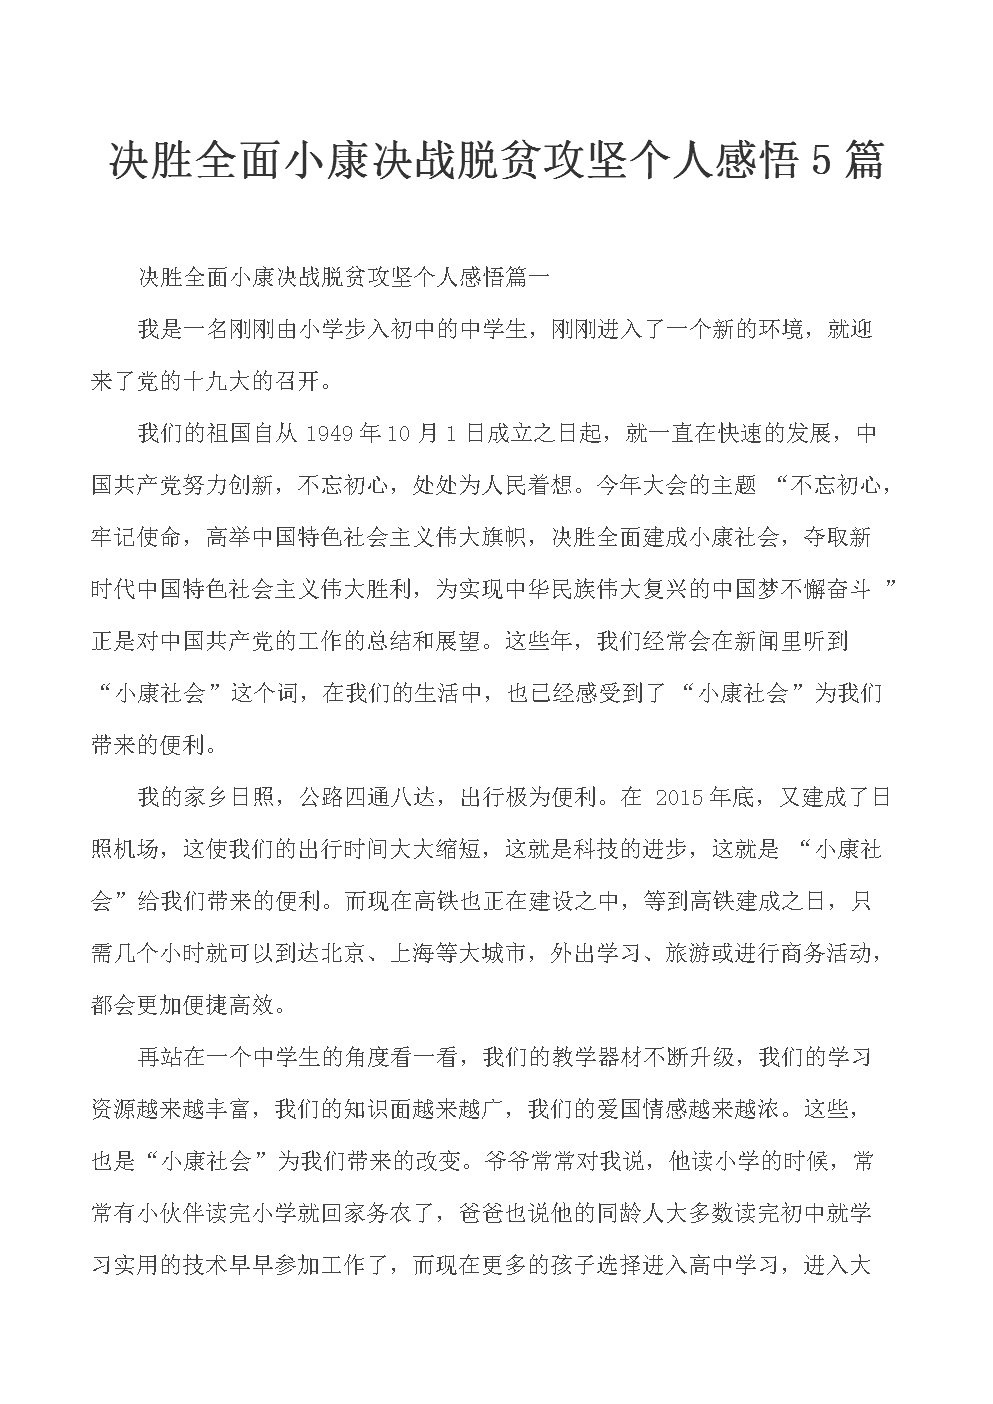 决胜全面小康决战脱贫攻坚个人感悟5篇.docx